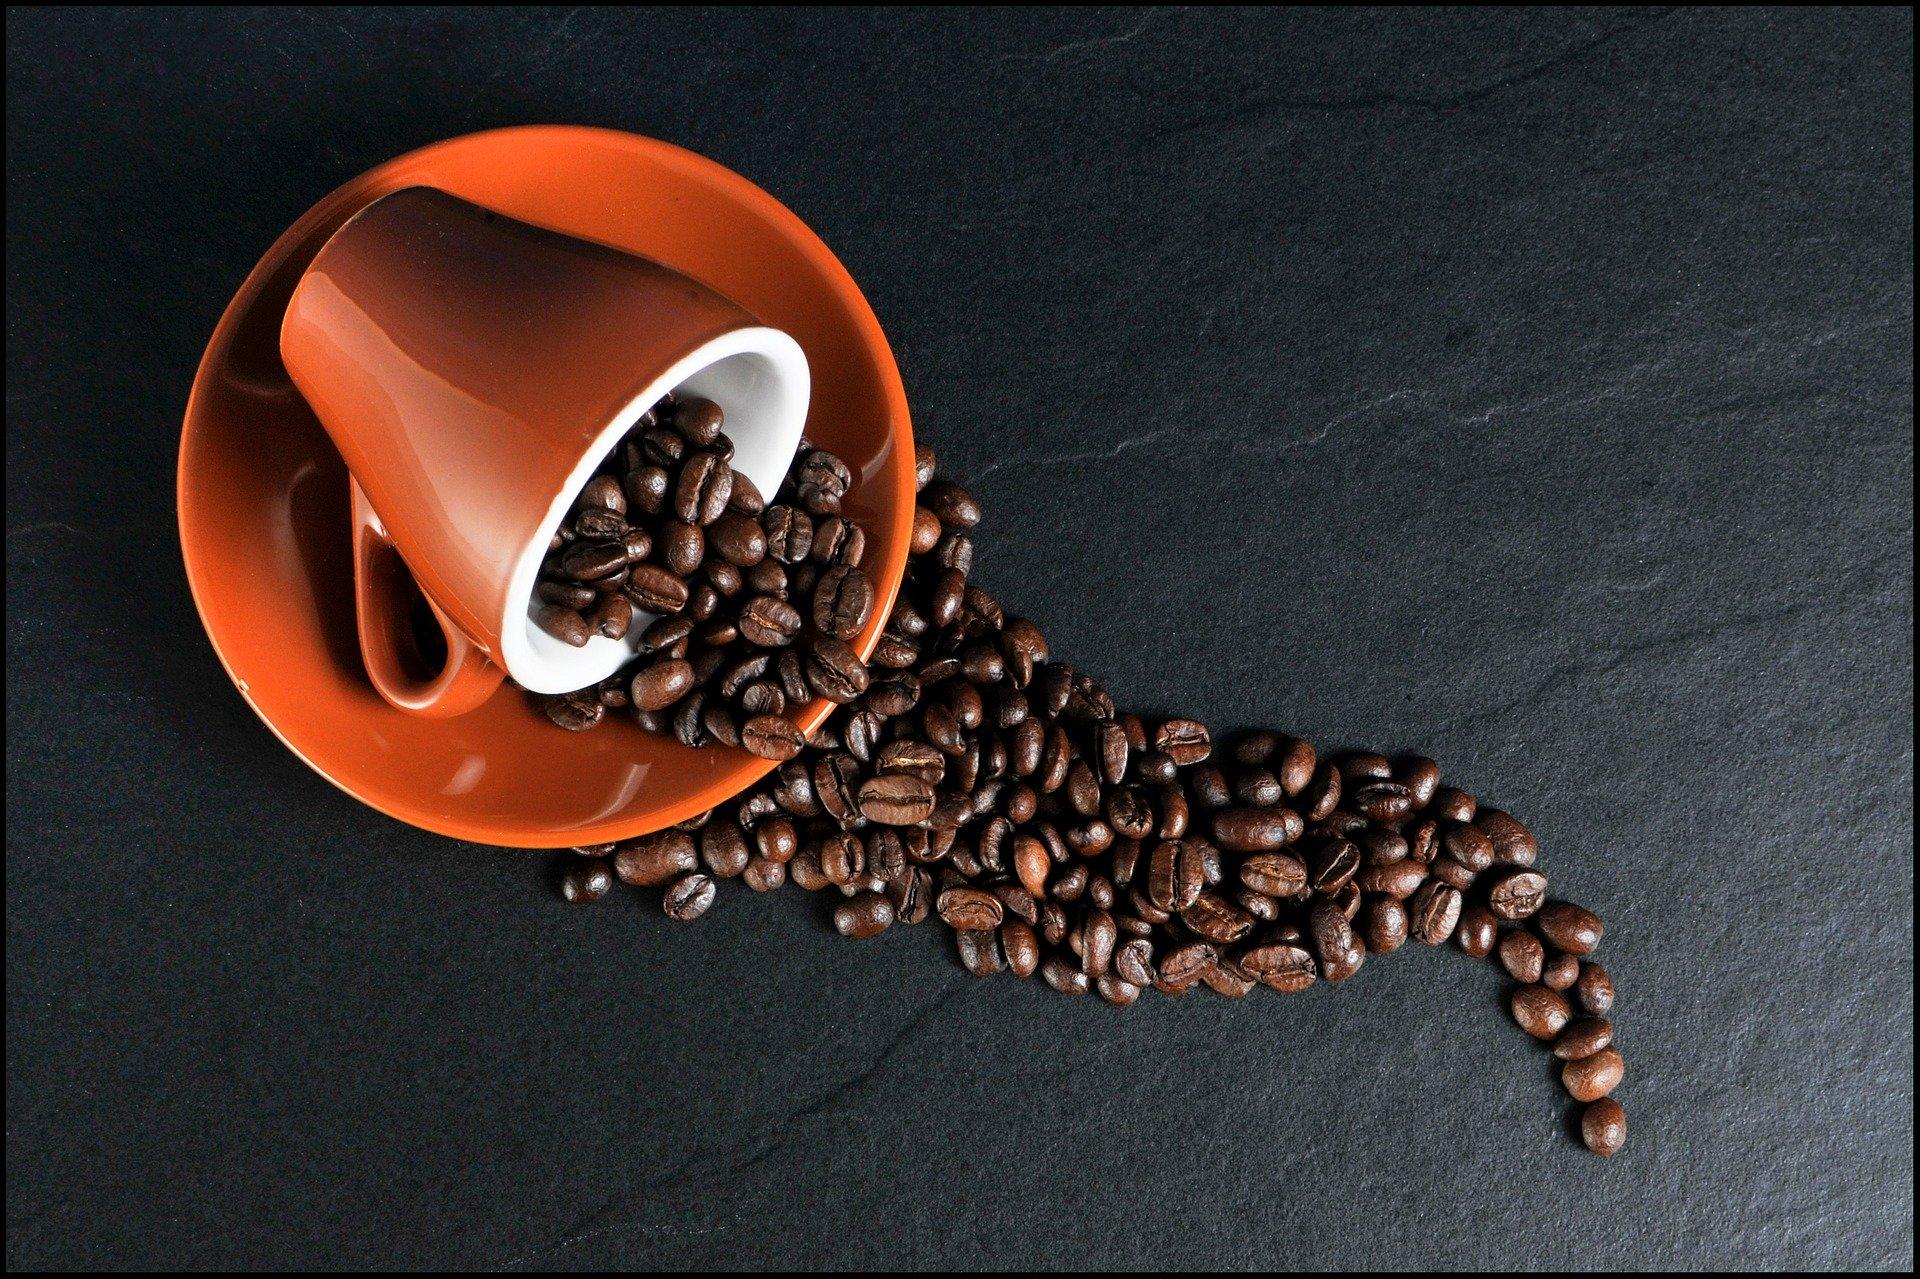 Cafeaua de lux pentru birou devine un beneficiu obligatoriu